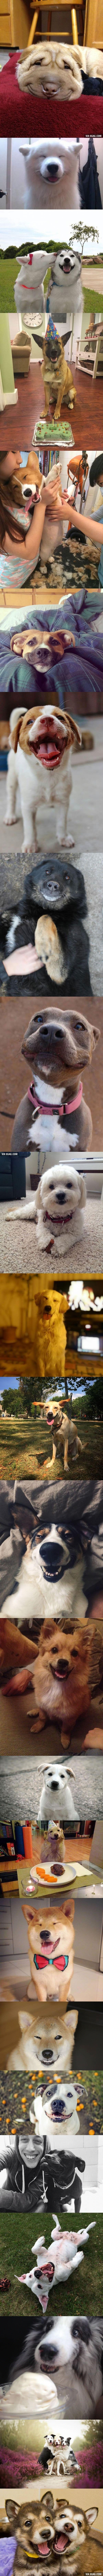 24 perros felices